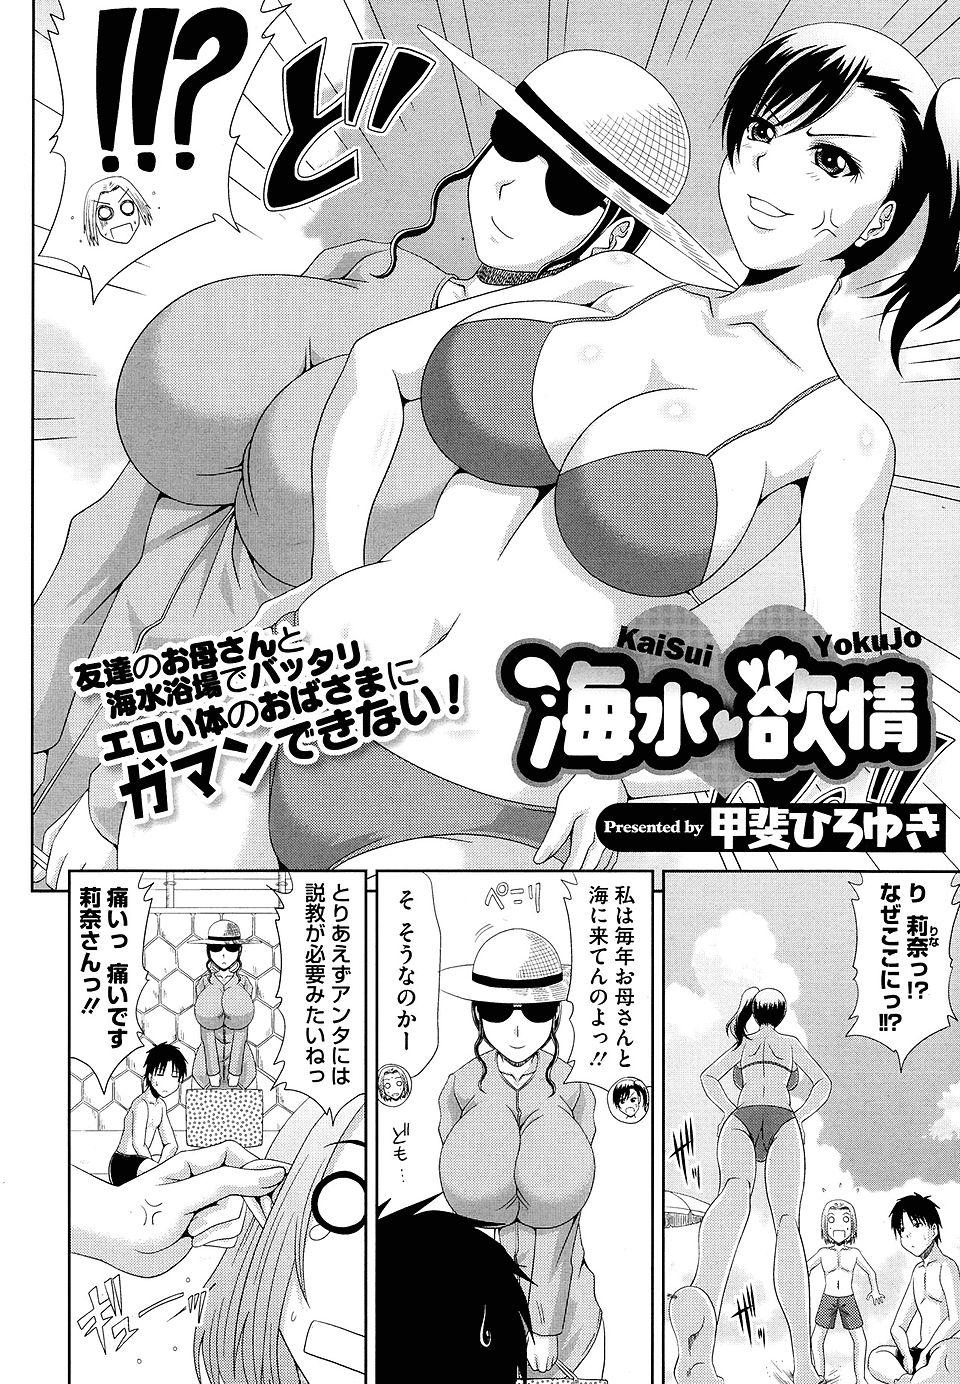 【エロ漫画】友達のお母さんと海水浴場で会いマイクロビキニのセクシーでエロい体にガマンできず青姦ファック!